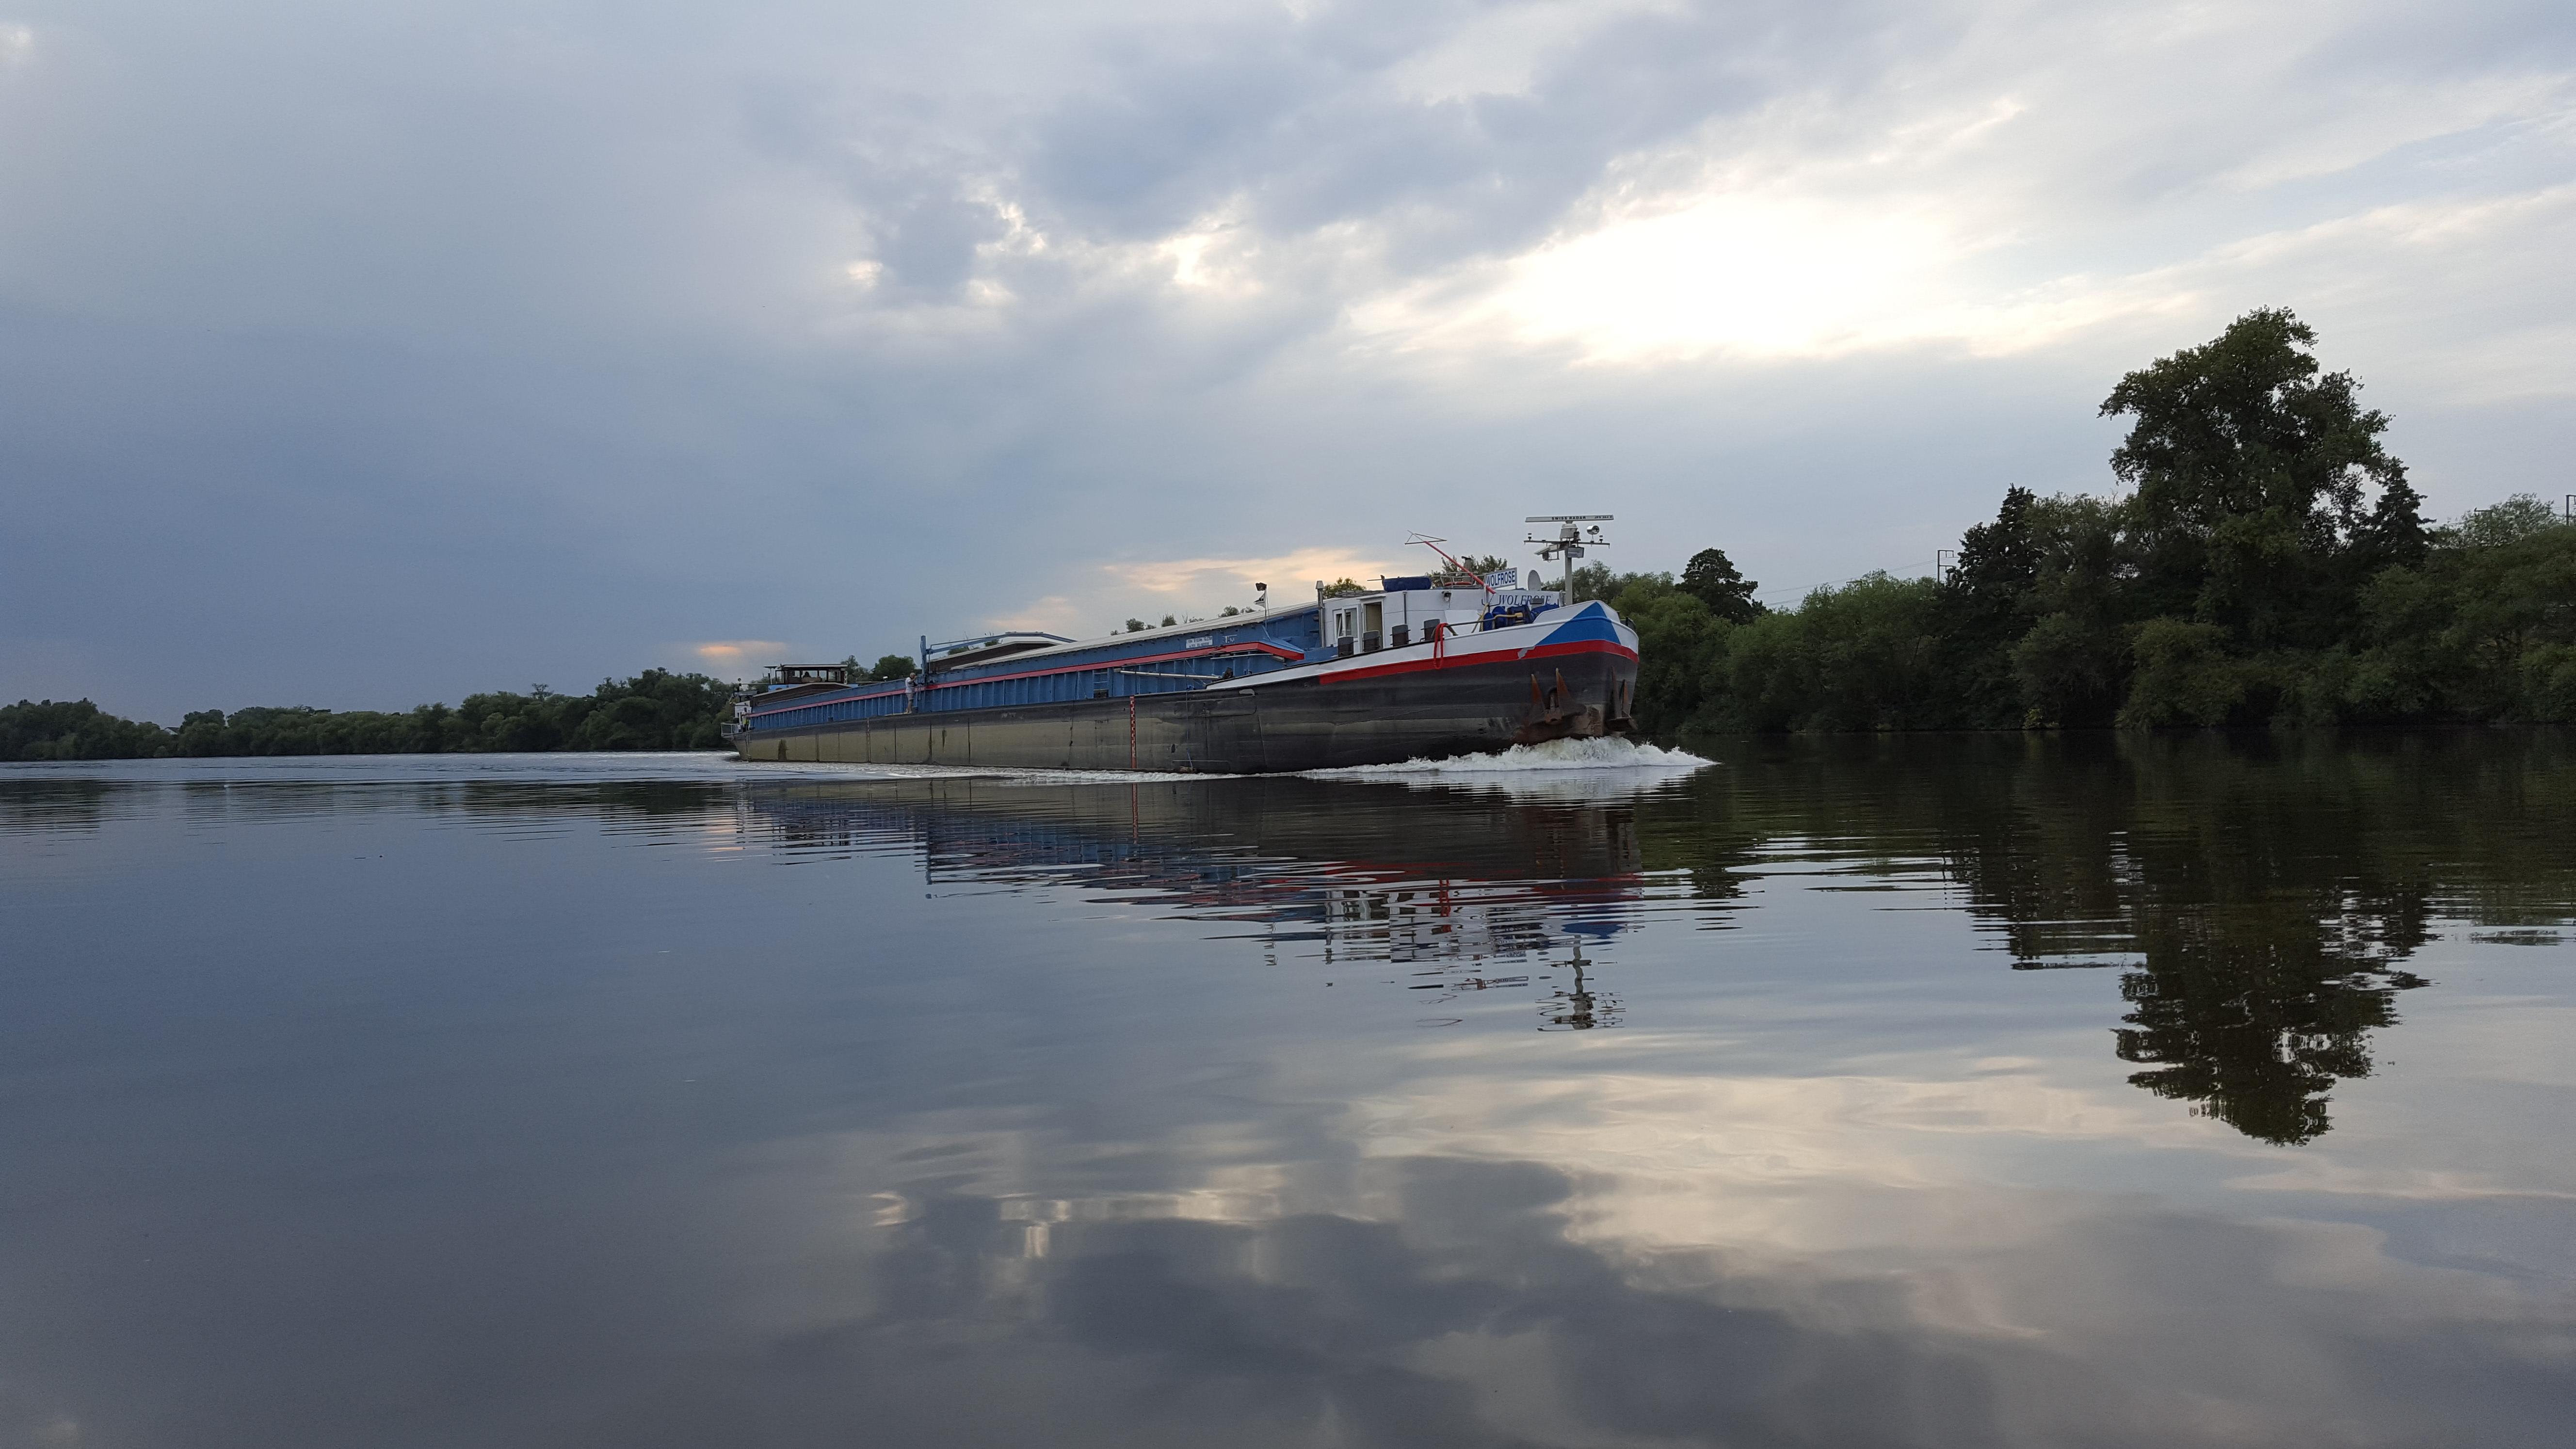 Berufsschifffahrt voraus